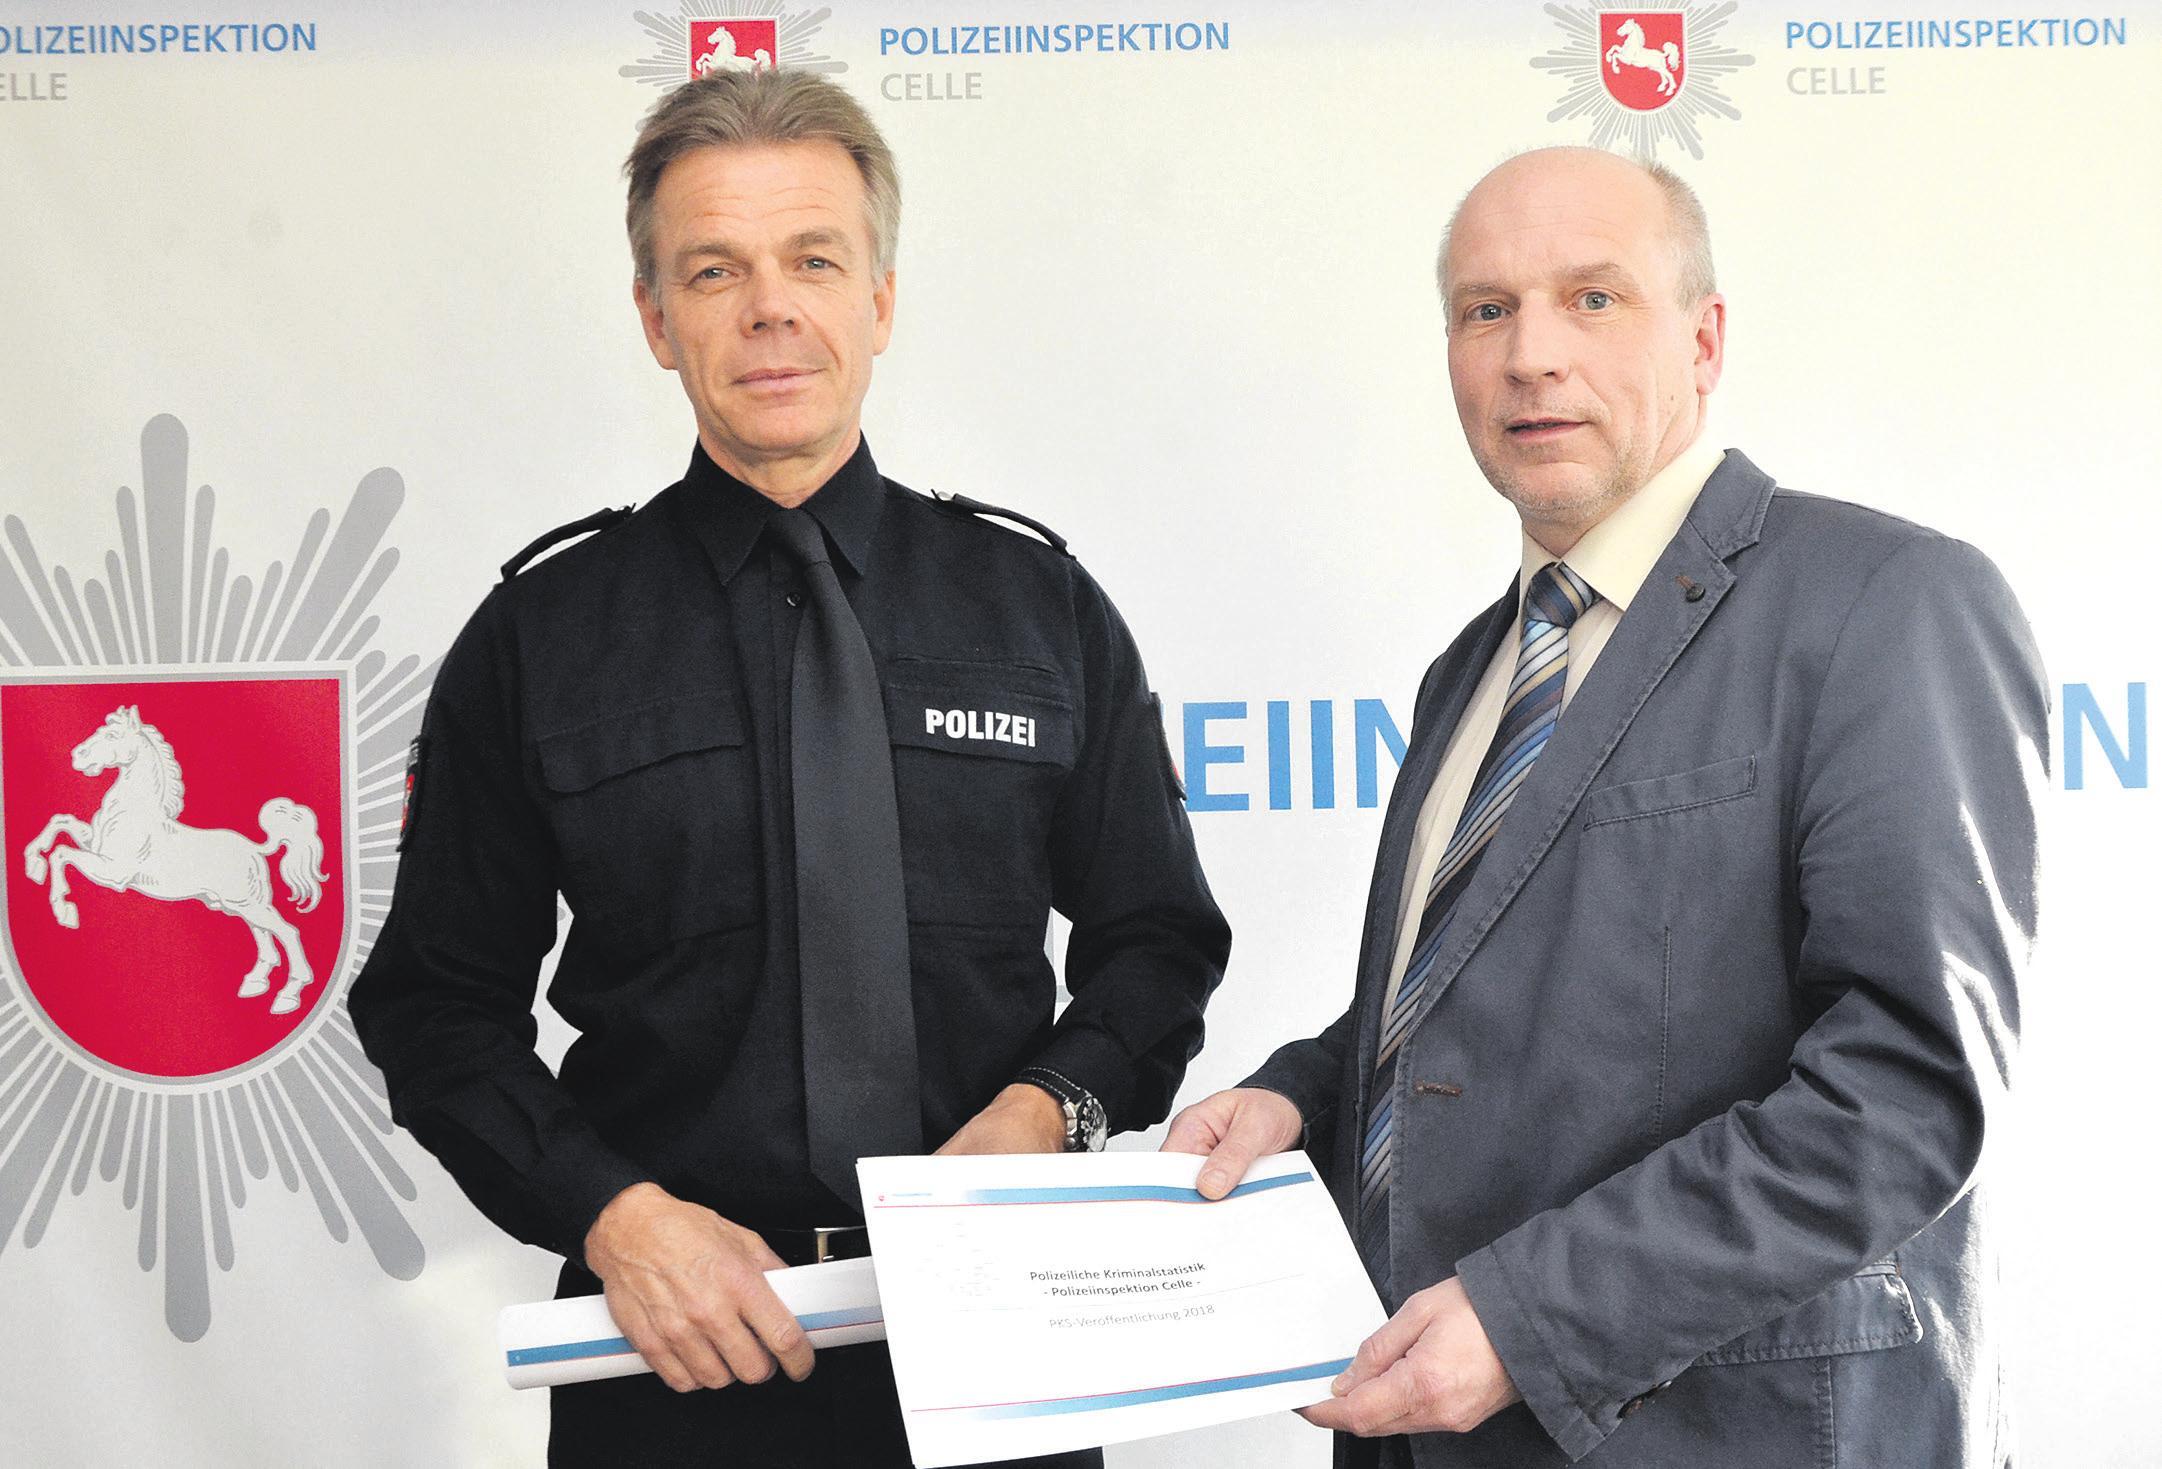 Polizeidirektor Eckart Pfeiffer (links) und Frank Hennecke (rechts) haben die Kriminalstatistik 2018 vorgestellt und zeigten sich angesichts vieler rückläufiger Zahlen sehr erfreut. Fotos: Wasinski